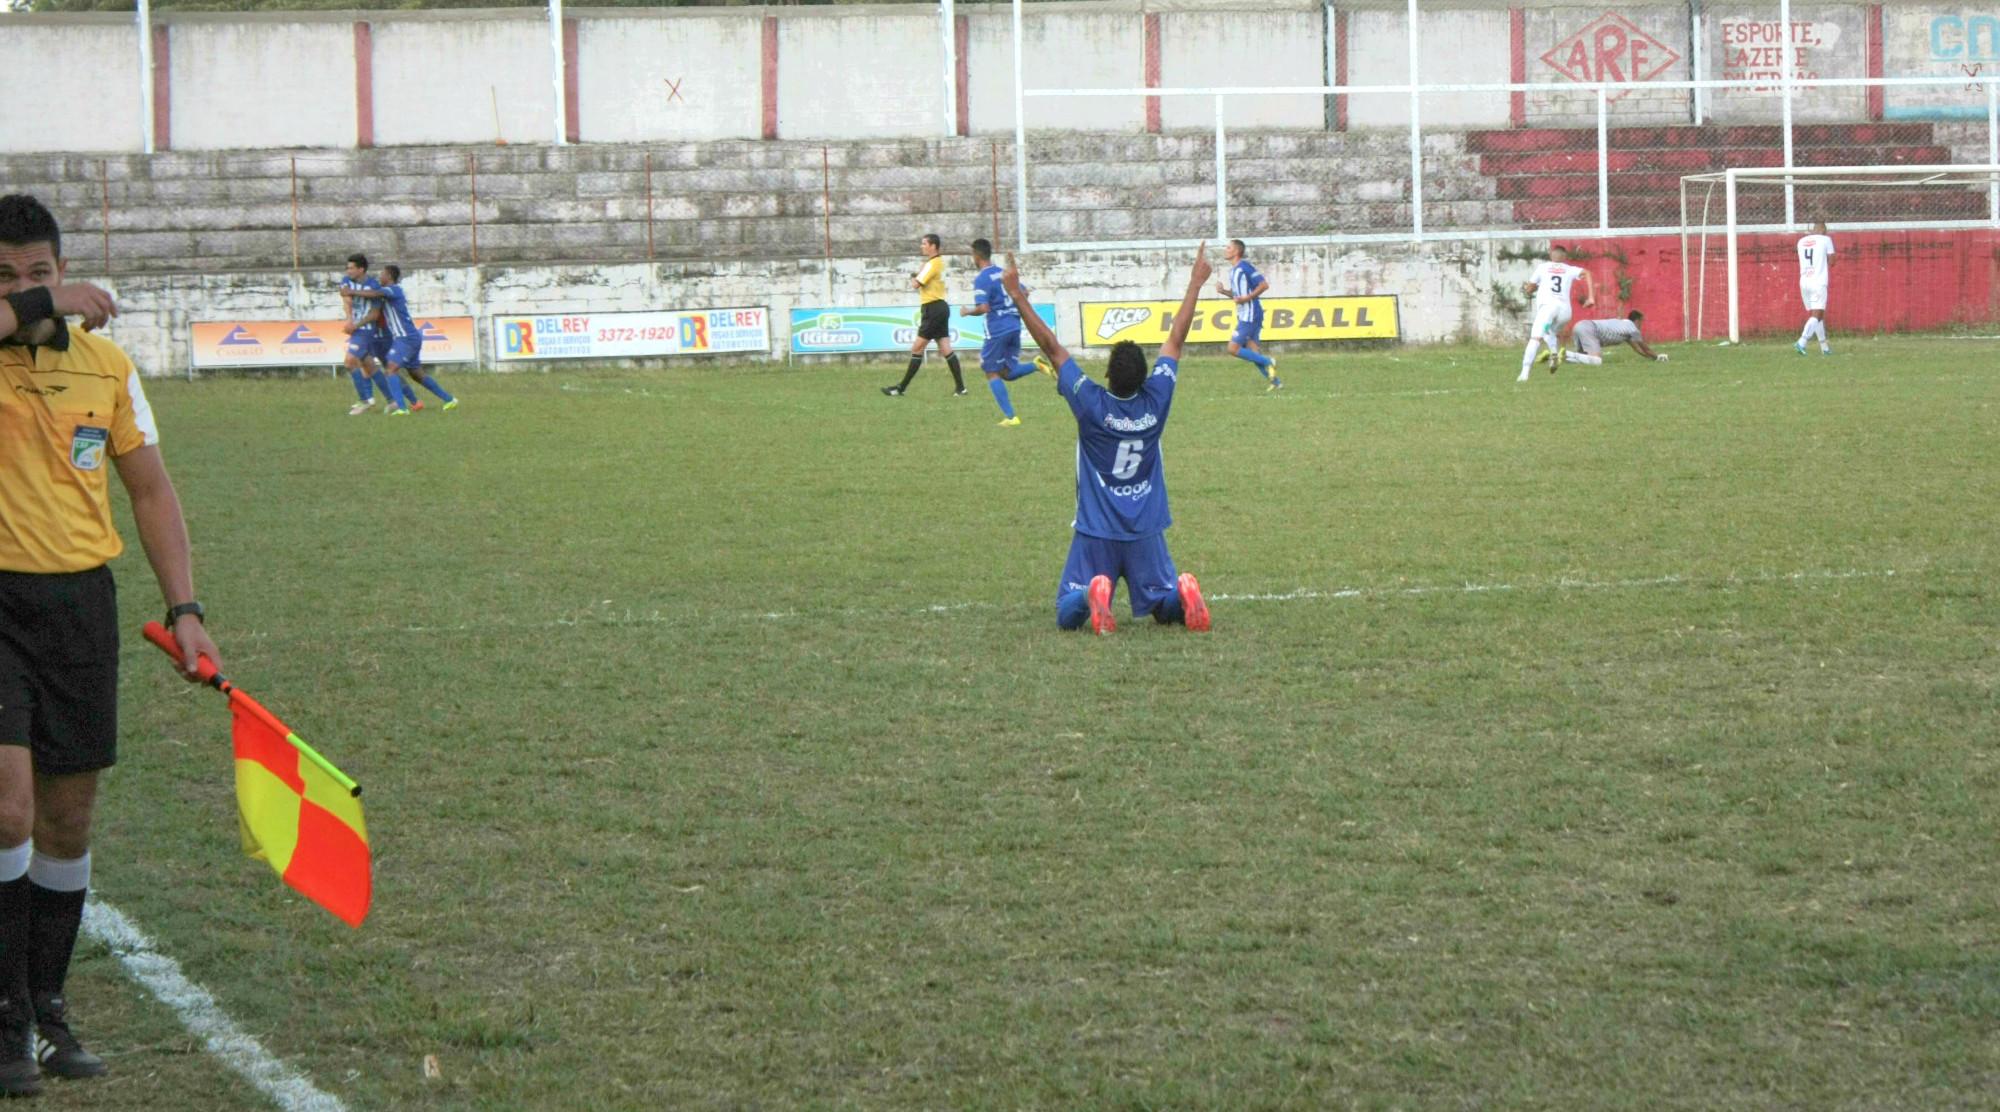 Gol do Formiga saiu na etapa final da partida em jogada de contra-ataque